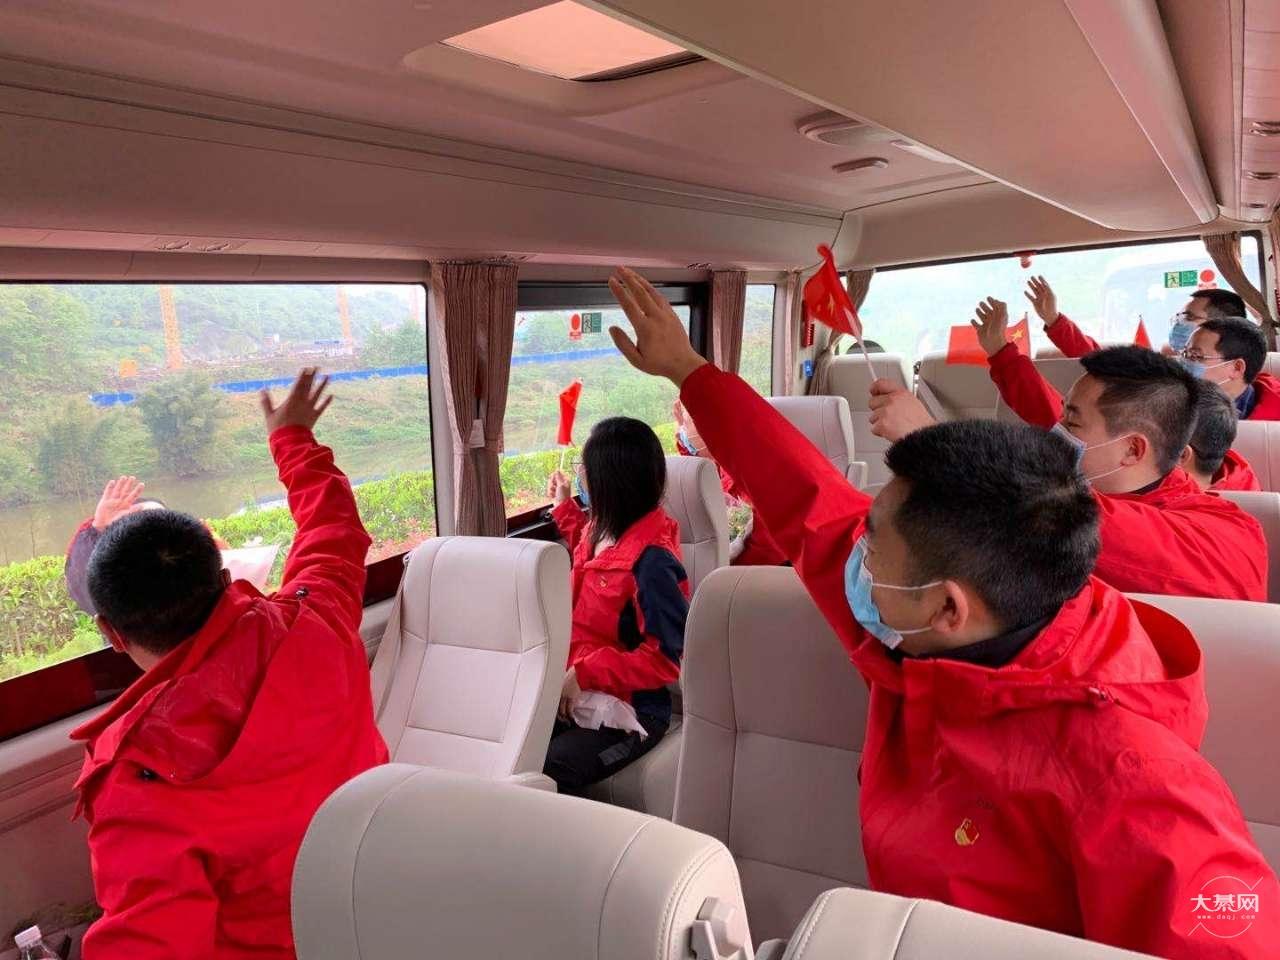 今天綦江的援鄂医疗队员已经从北碚乘车出发回綦。綦城准备就绪,欢迎回家。